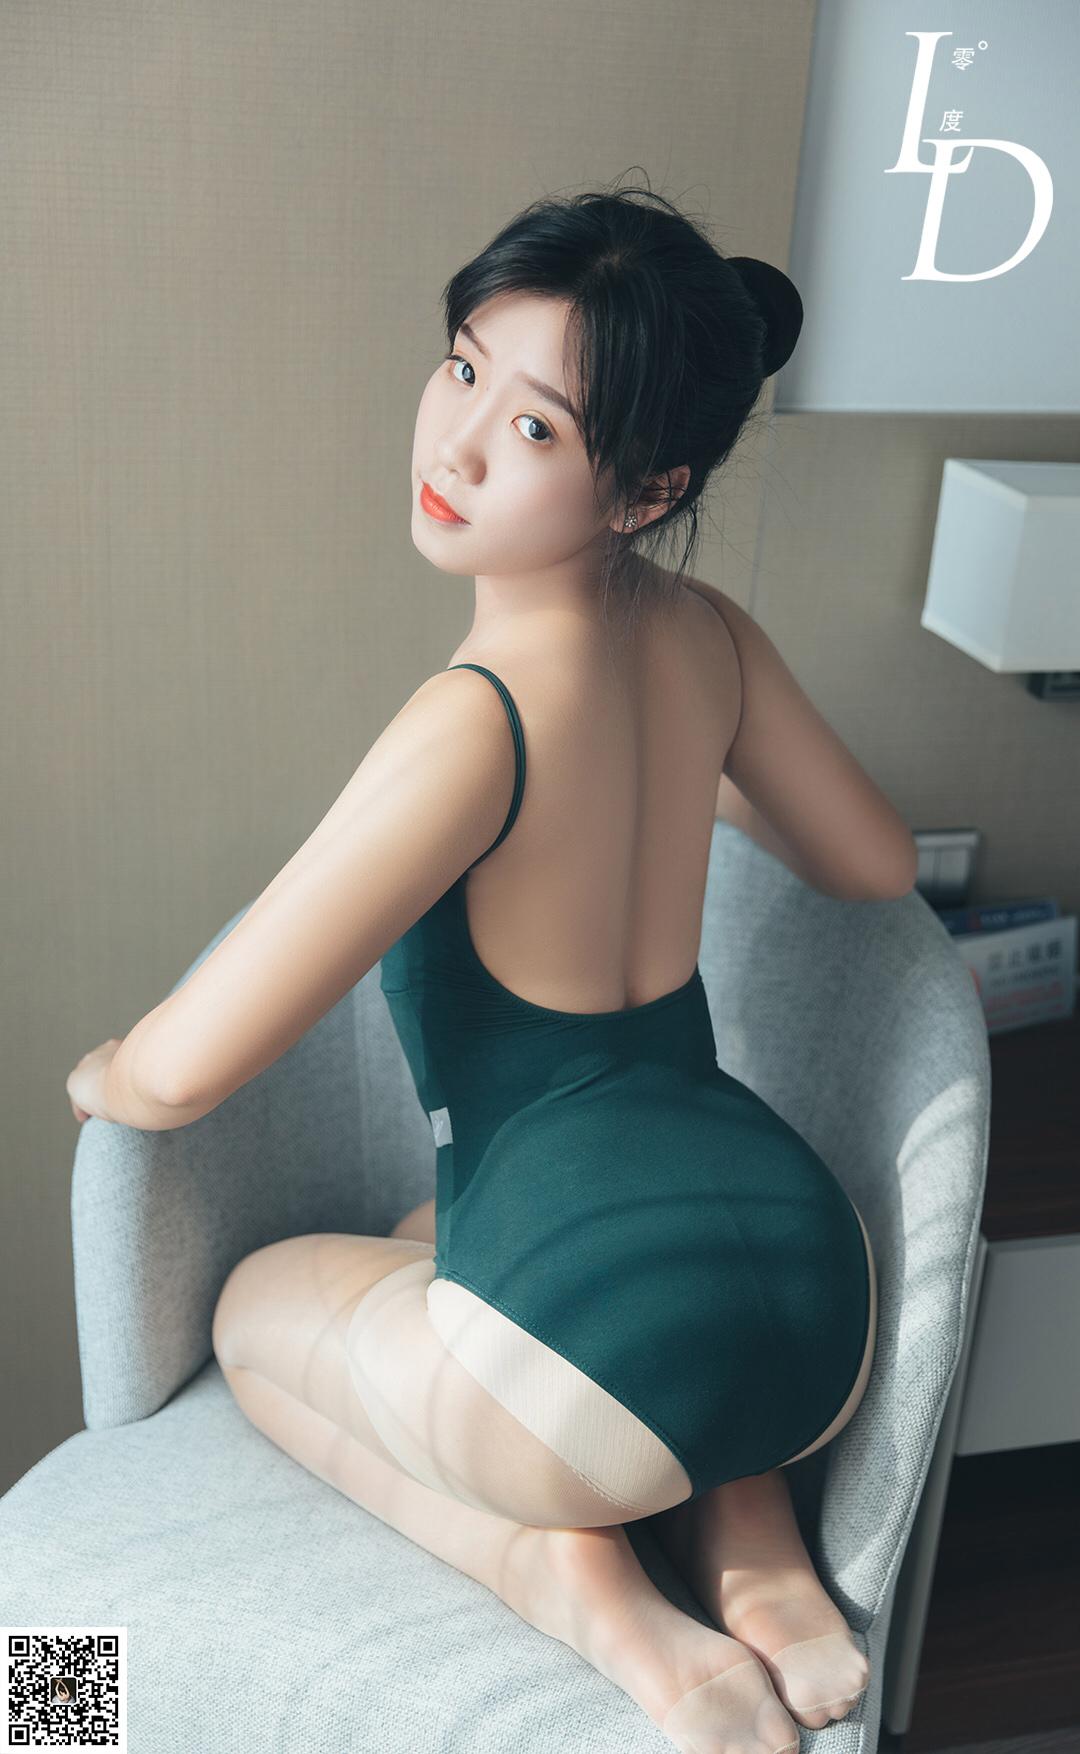 零度摄影 第041期 舞蹈生张晓-觅爱图